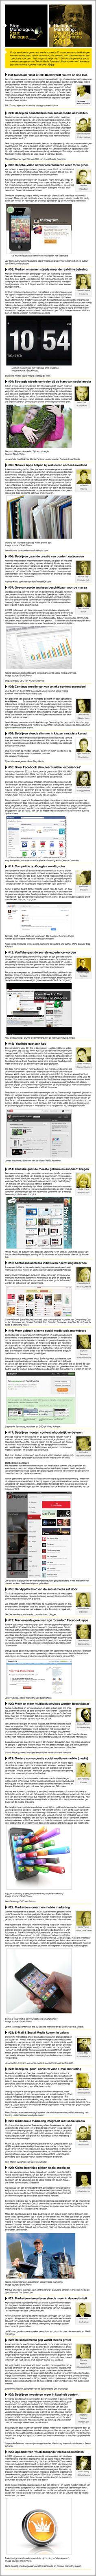 Wat Social Media betreft gaan de ontwikkelingen razendsnel. Een aantal van de Insights in deze TrendTree® over SocialMedia van zomerinhuis.nl zijn  nu al aan het veranderen. Read & Weep.